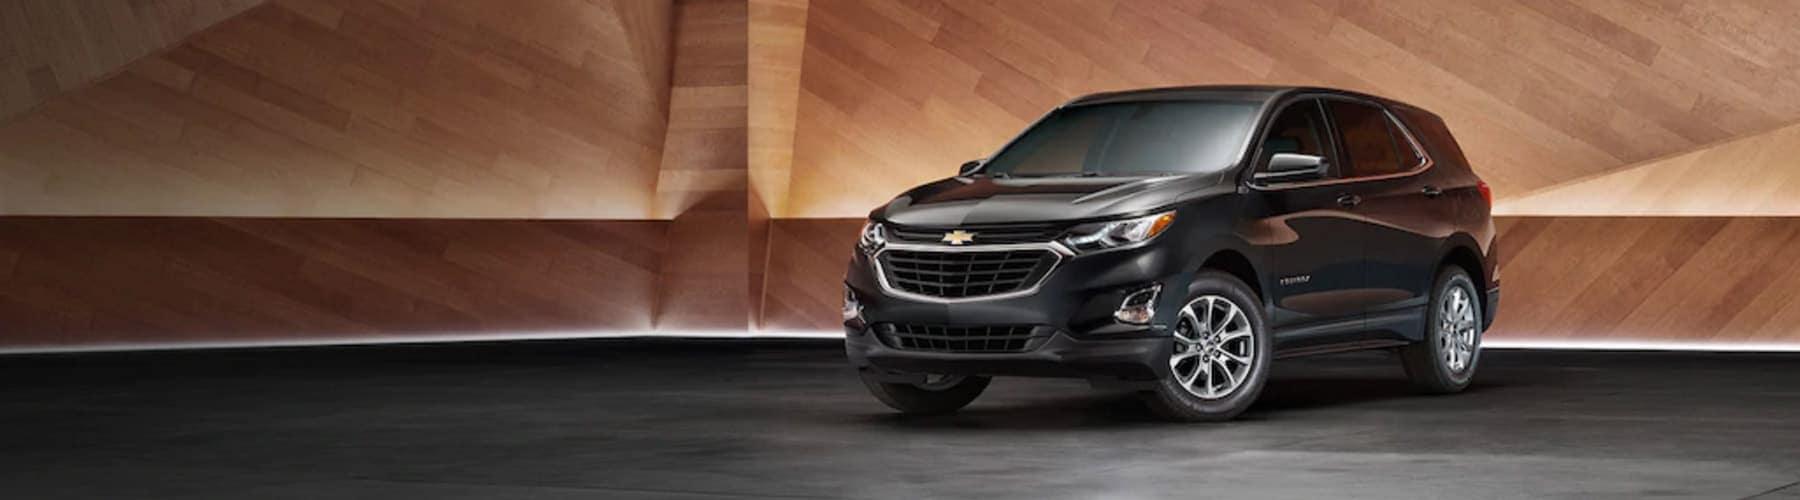 2019 Chevrolet Model Banner